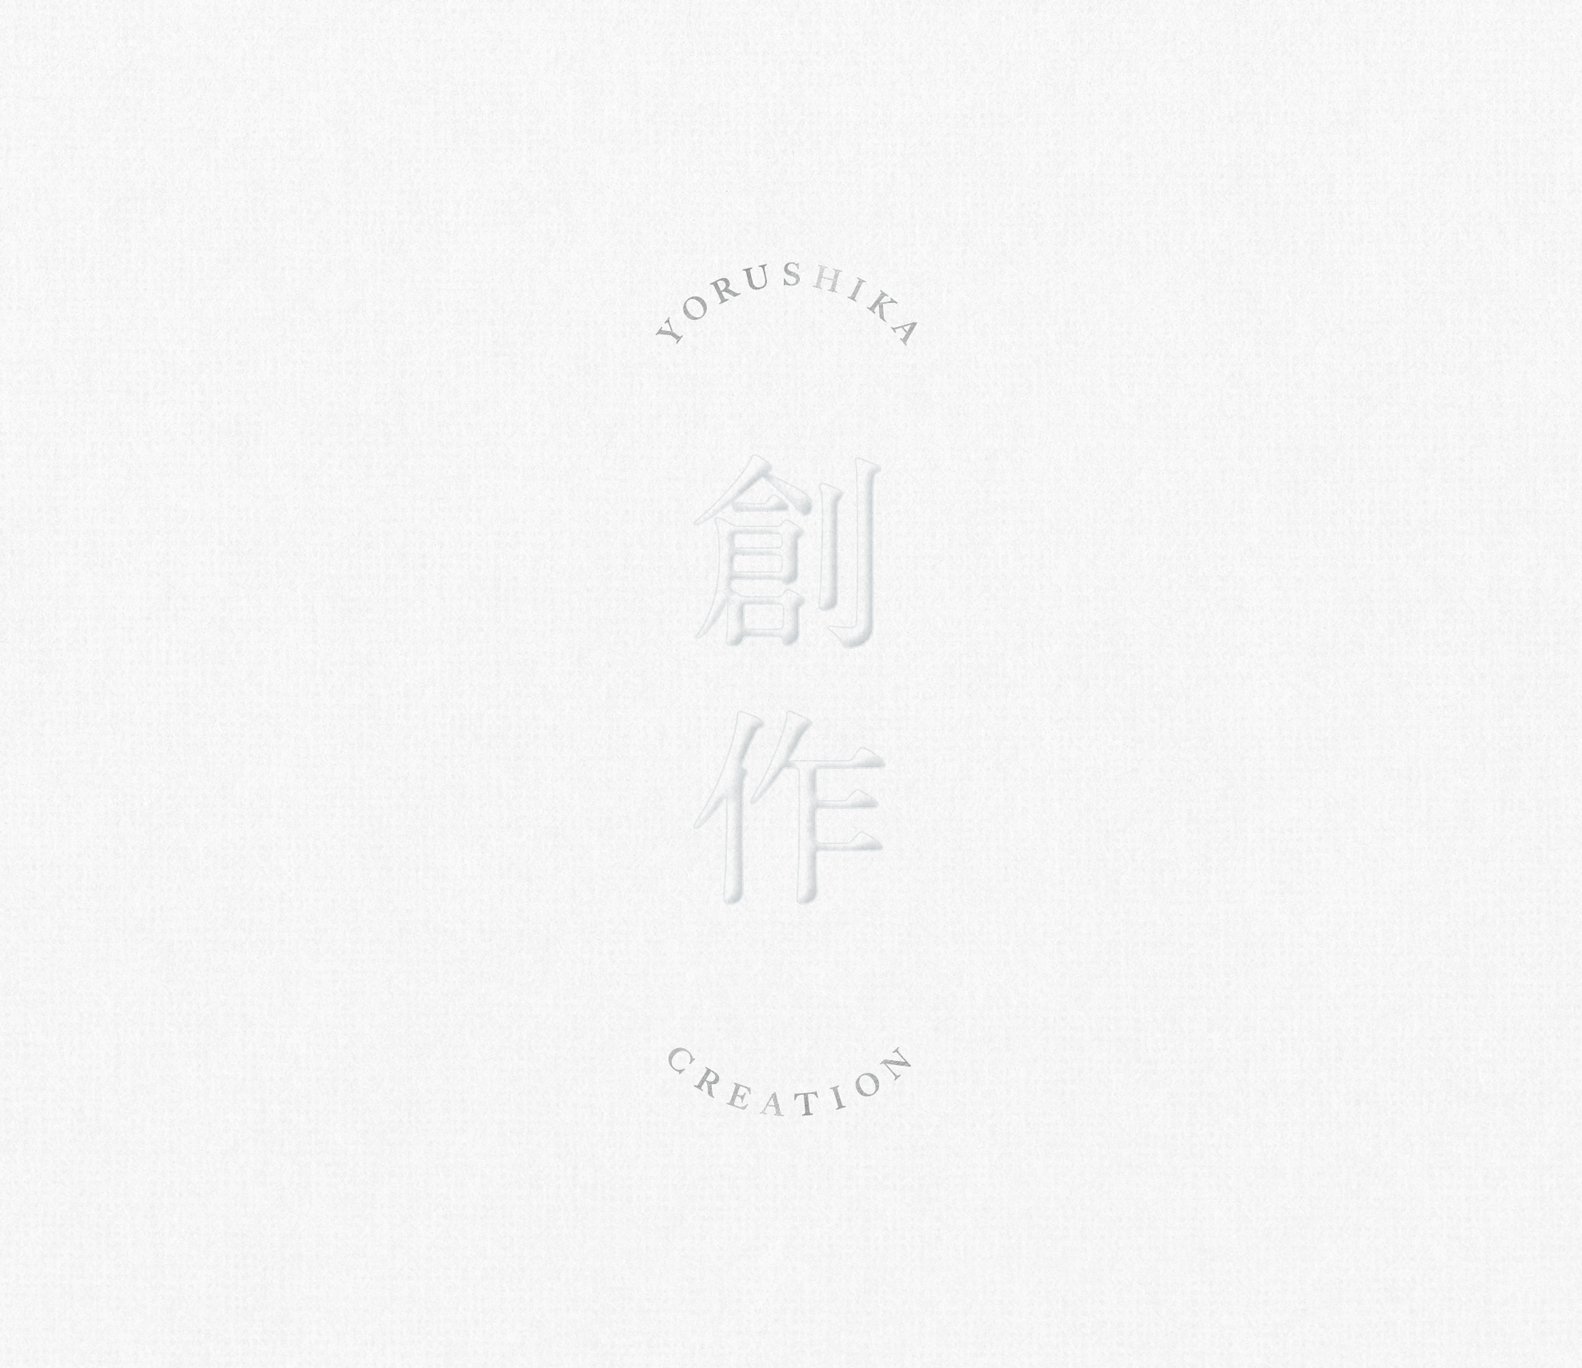 【ALBUM】EP「創作」